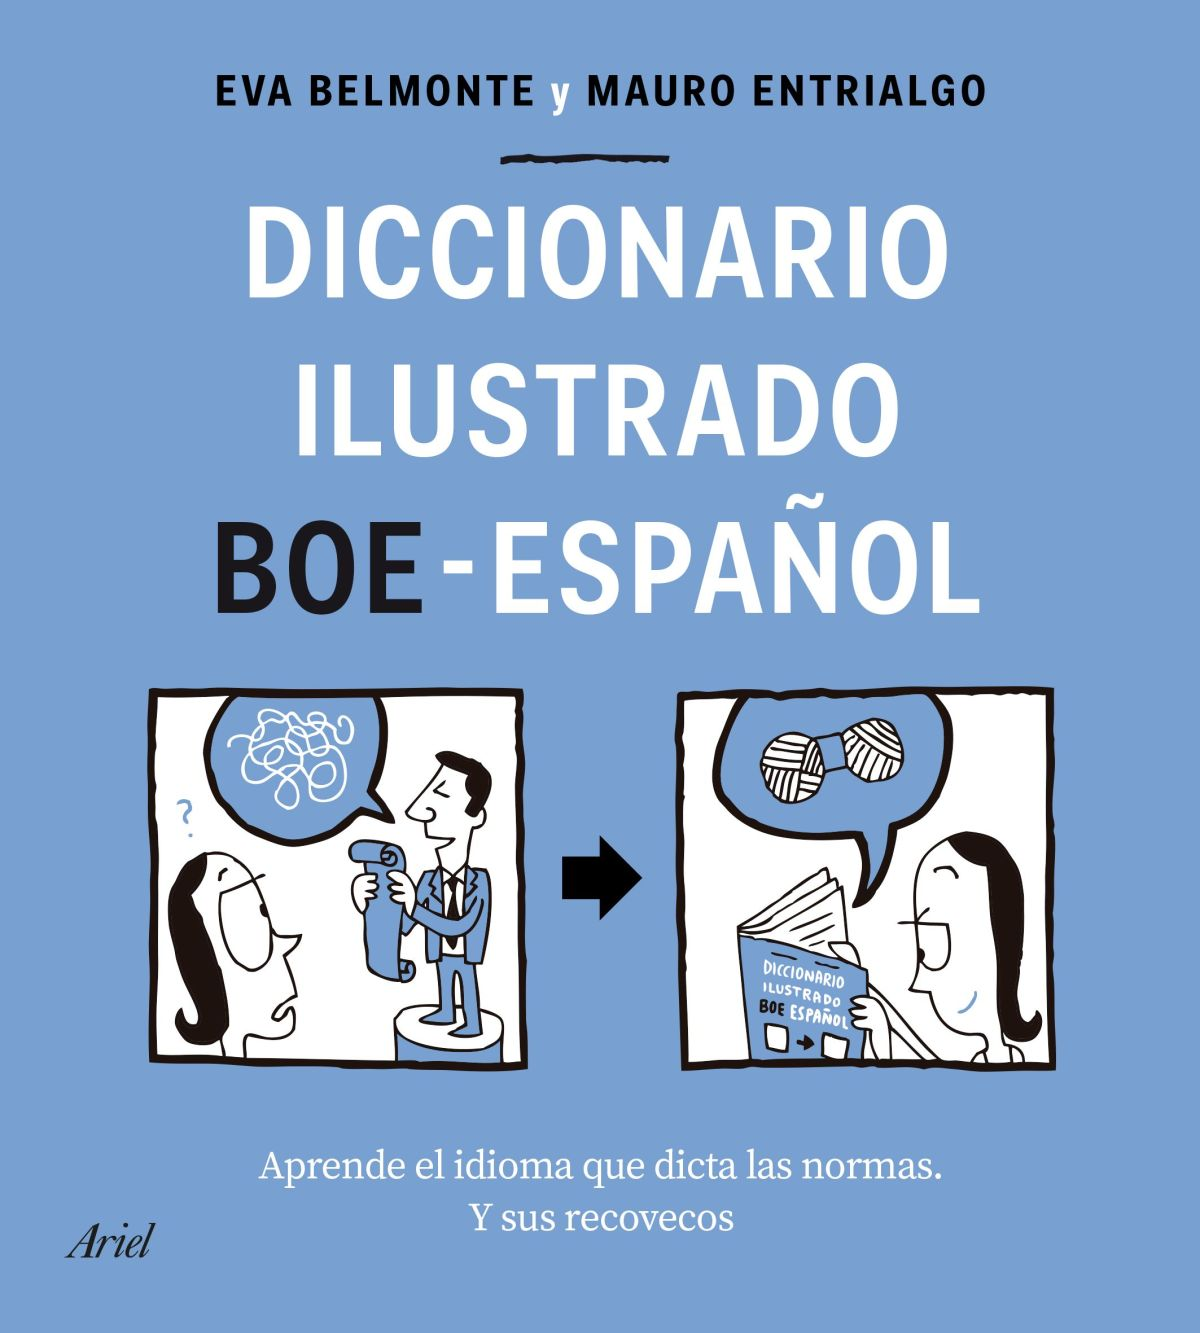 Diccionario ilustrado BOE-español: Aprende el idioma que dicta las normas y sus recovecos. Eva Belmonte y Mauro Entrialgo.